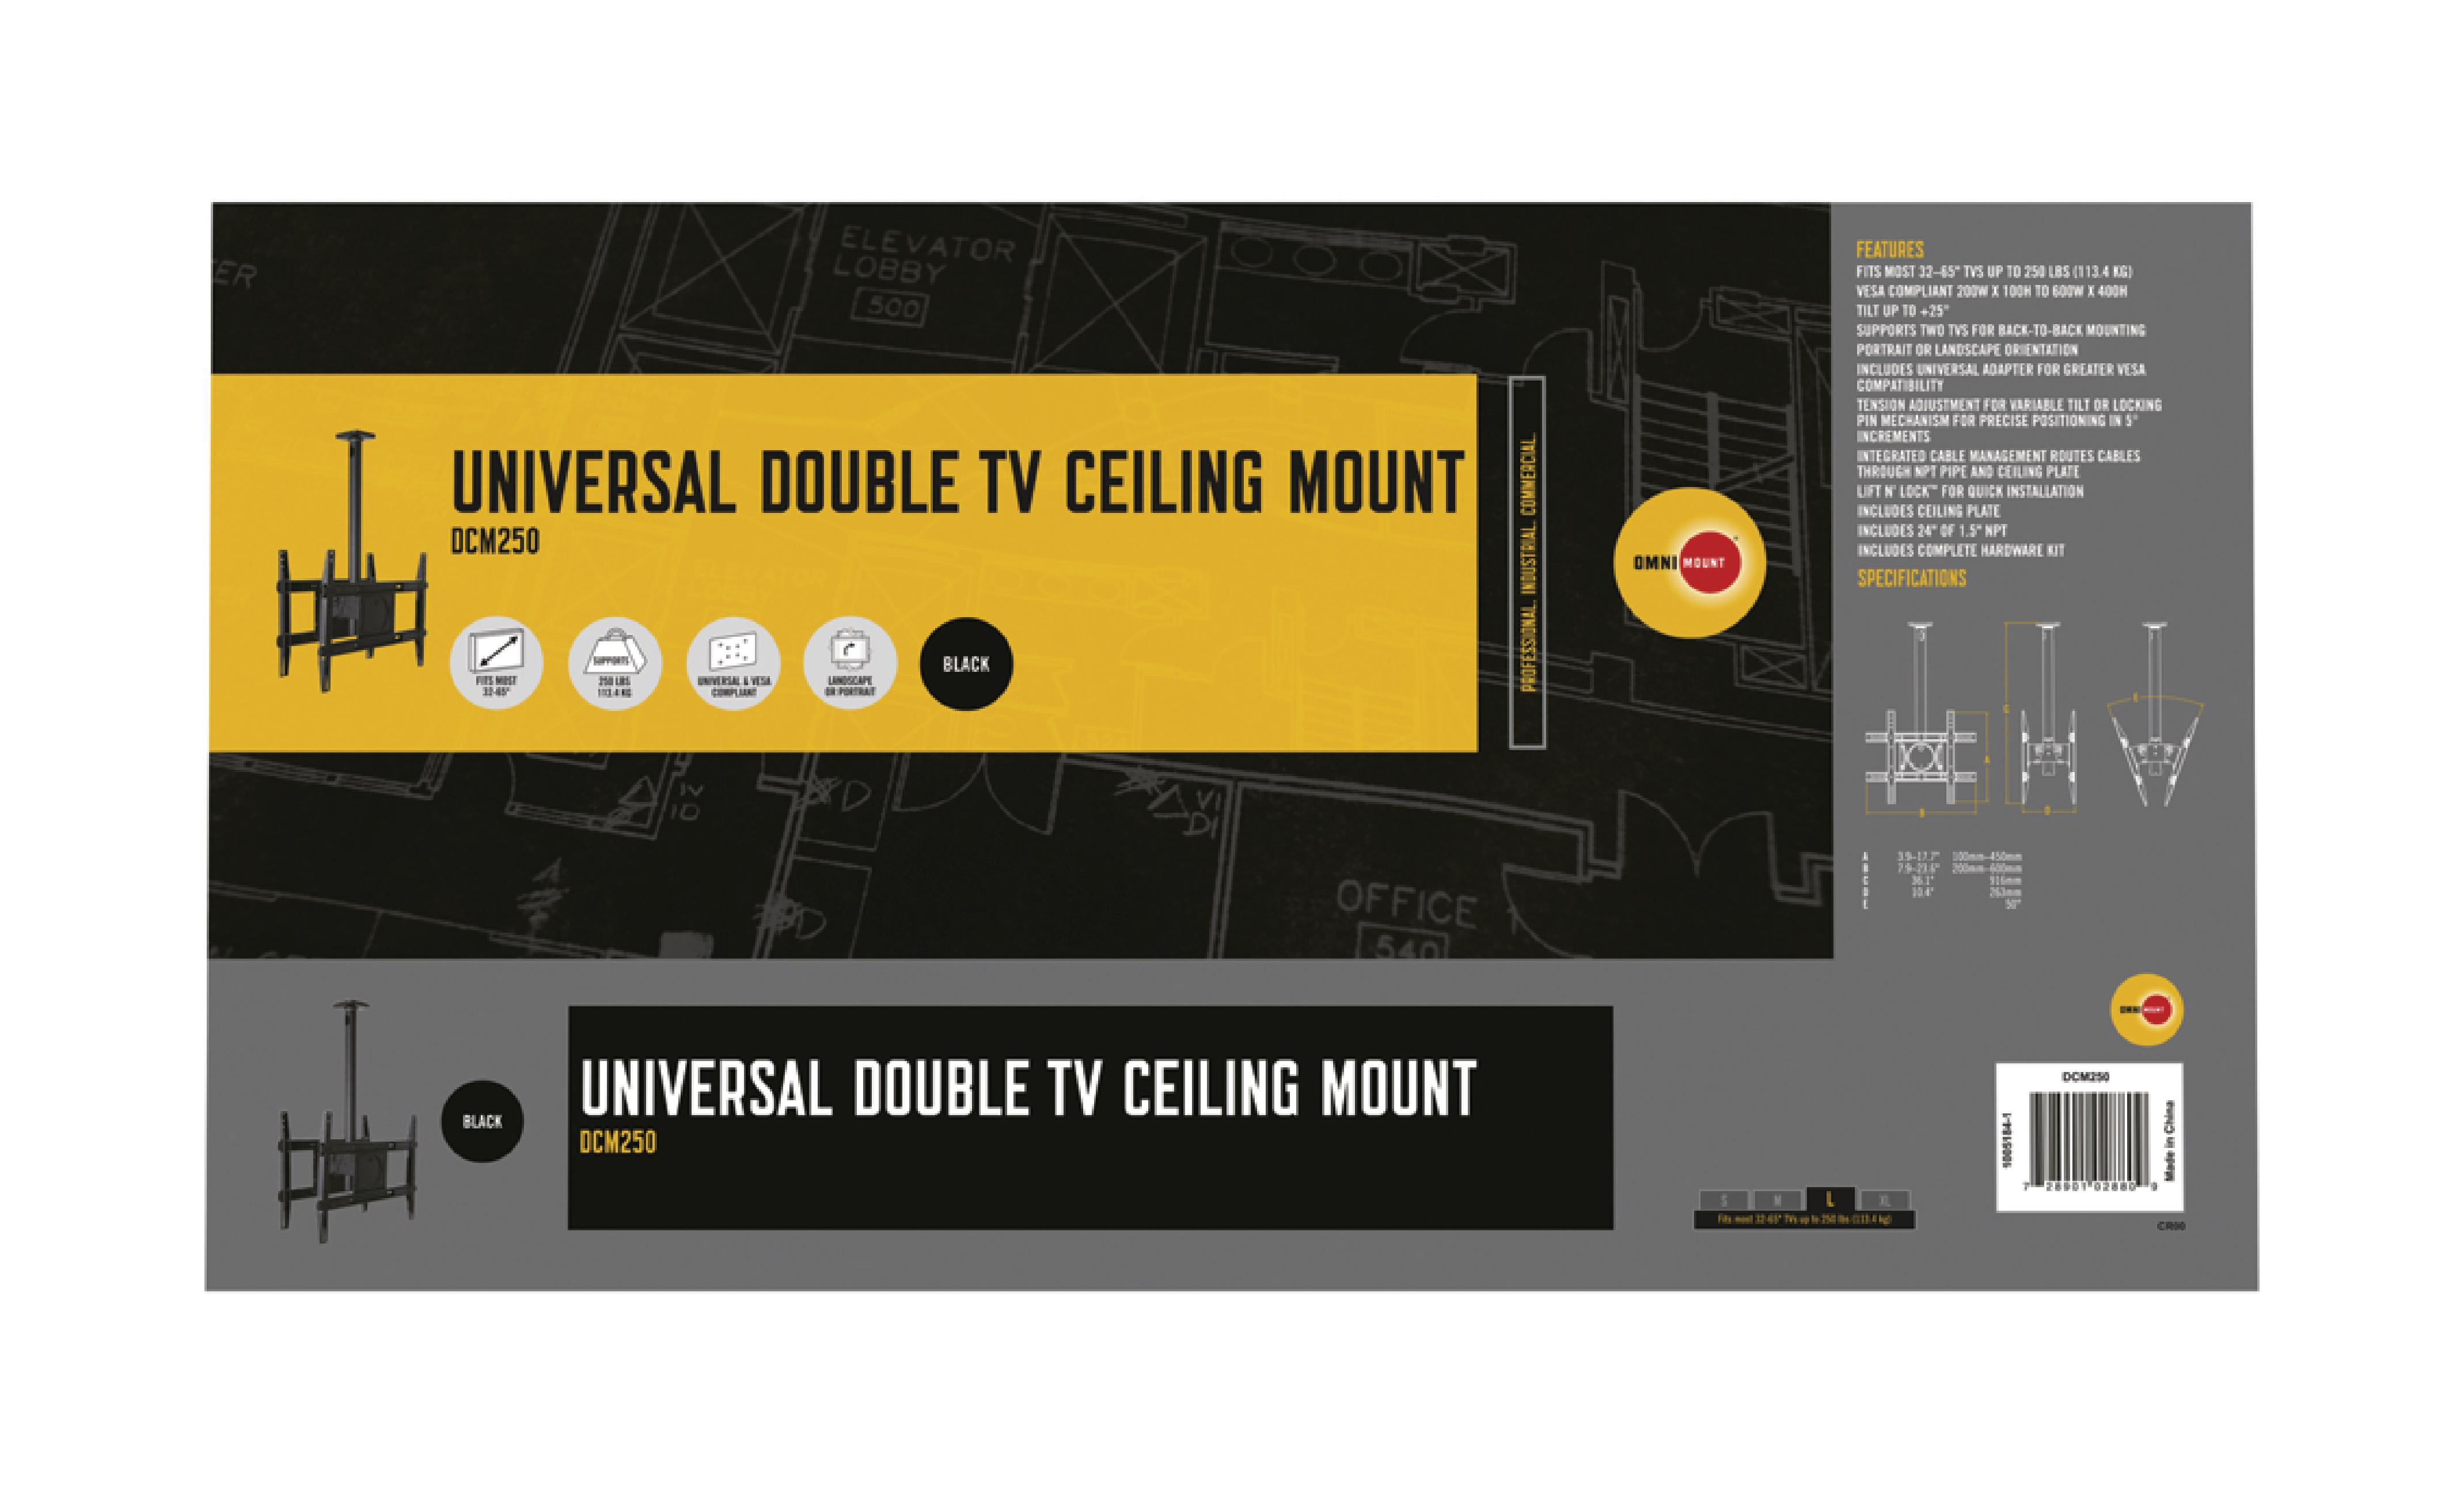 Omn Dcm250 Omnimount Tv Wall Mount Tilt 32 65 Quot 113